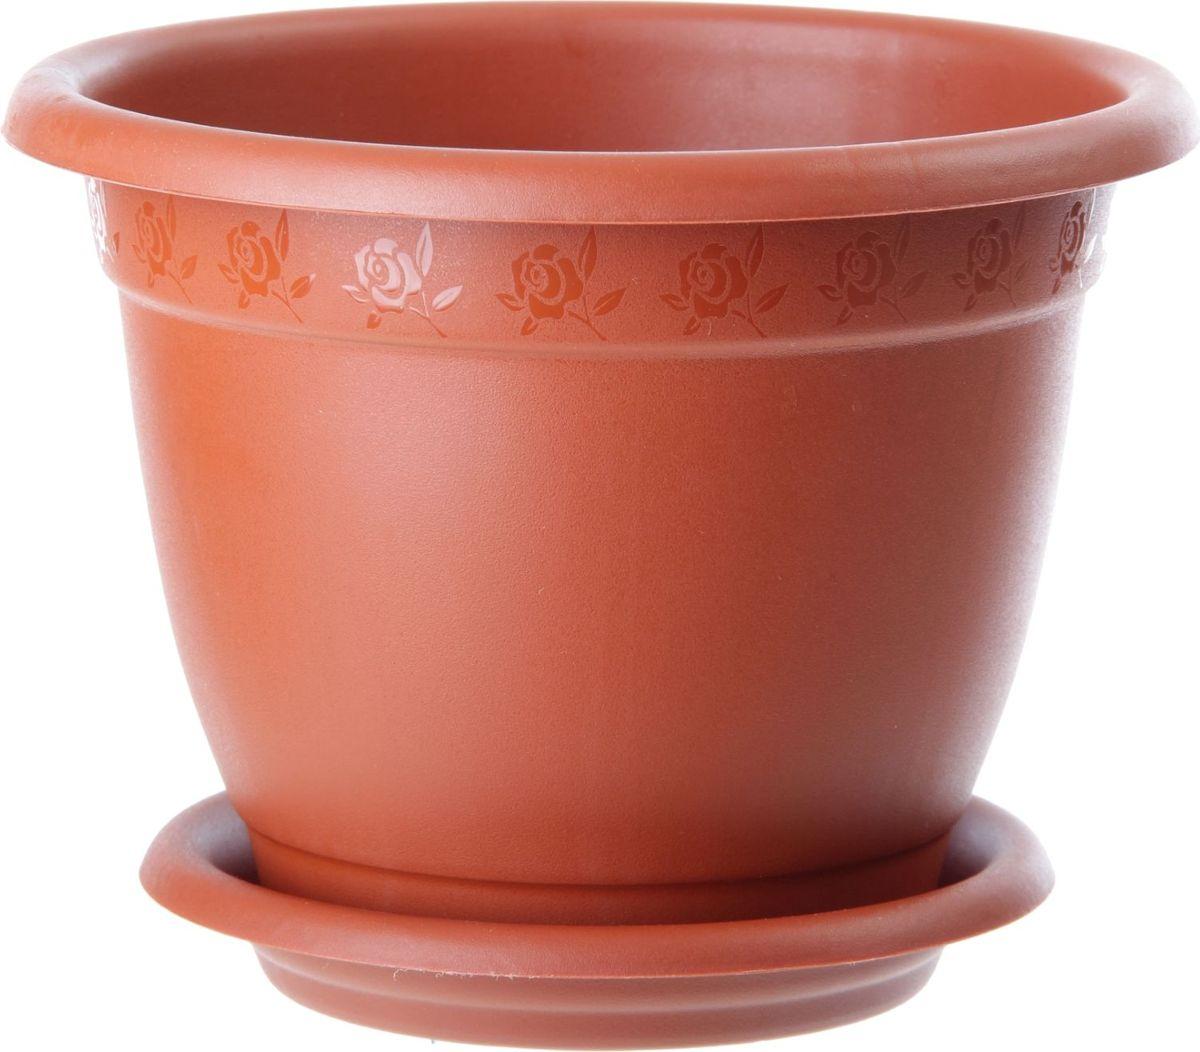 Горшок для цветов InGreen Борнео, с поддоном, цвет: терракотовый, диаметр 29 смG31111-04Любой, даже самый современный и продуманный интерьер будет не завершённым без растений. Они не только очищают воздух и насыщают его кислородом, но и заметно украшают окружающее пространство. Такому полезному &laquo члену семьи&raquoпросто необходимо красивое и функциональное кашпо, оригинальный горшок или необычная ваза! Мы предлагаем - Горшок для цветов, d=29 см Борнео 14 л, с подставкой, цвет терракотовый!Оптимальный выбор материала &mdash &nbsp пластмасса! Почему мы так считаем? Малый вес. С лёгкостью переносите горшки и кашпо с места на место, ставьте их на столики или полки, подвешивайте под потолок, не беспокоясь о нагрузке. Простота ухода. Пластиковые изделия не нуждаются в специальных условиях хранения. Их&nbsp легко чистить &mdashдостаточно просто сполоснуть тёплой водой. Никаких царапин. Пластиковые кашпо не царапают и не загрязняют поверхности, на которых стоят. Пластик дольше хранит влагу, а значит &mdashрастение реже нуждается в поливе. Пластмасса не пропускает воздух &mdashкорневой системе растения не грозят резкие перепады температур. Огромный выбор форм, декора и расцветок &mdashвы без труда подберёте что-то, что идеально впишется в уже существующий интерьер.Соблюдая нехитрые правила ухода, вы можете заметно продлить срок службы горшков, вазонов и кашпо из пластика: всегда учитывайте размер кроны и корневой системы растения (при разрастании большое растение способно повредить маленький горшок)берегите изделие от воздействия прямых солнечных лучей, чтобы кашпо и горшки не выцветалидержите кашпо и горшки из пластика подальше от нагревающихся поверхностей.Создавайте прекрасные цветочные композиции, выращивайте рассаду или необычные растения, а низкие цены позволят вам не ограничивать себя в выборе.